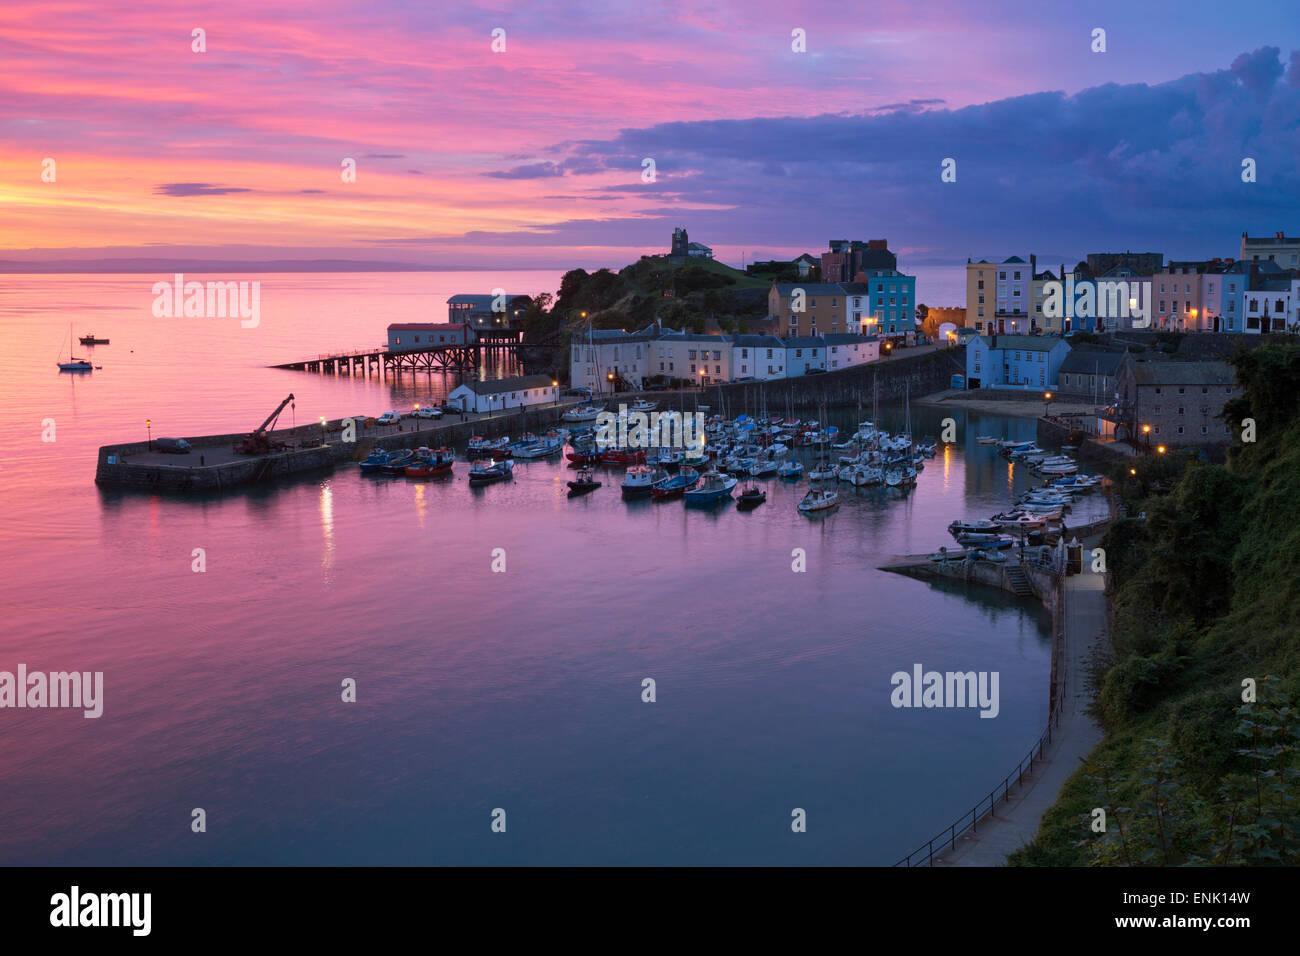 Vistas al puerto y al castillo al amanecer) Tenby, Carmarthen Bay, Pembrokeshire (Gales, Reino Unido, Europa Imagen De Stock